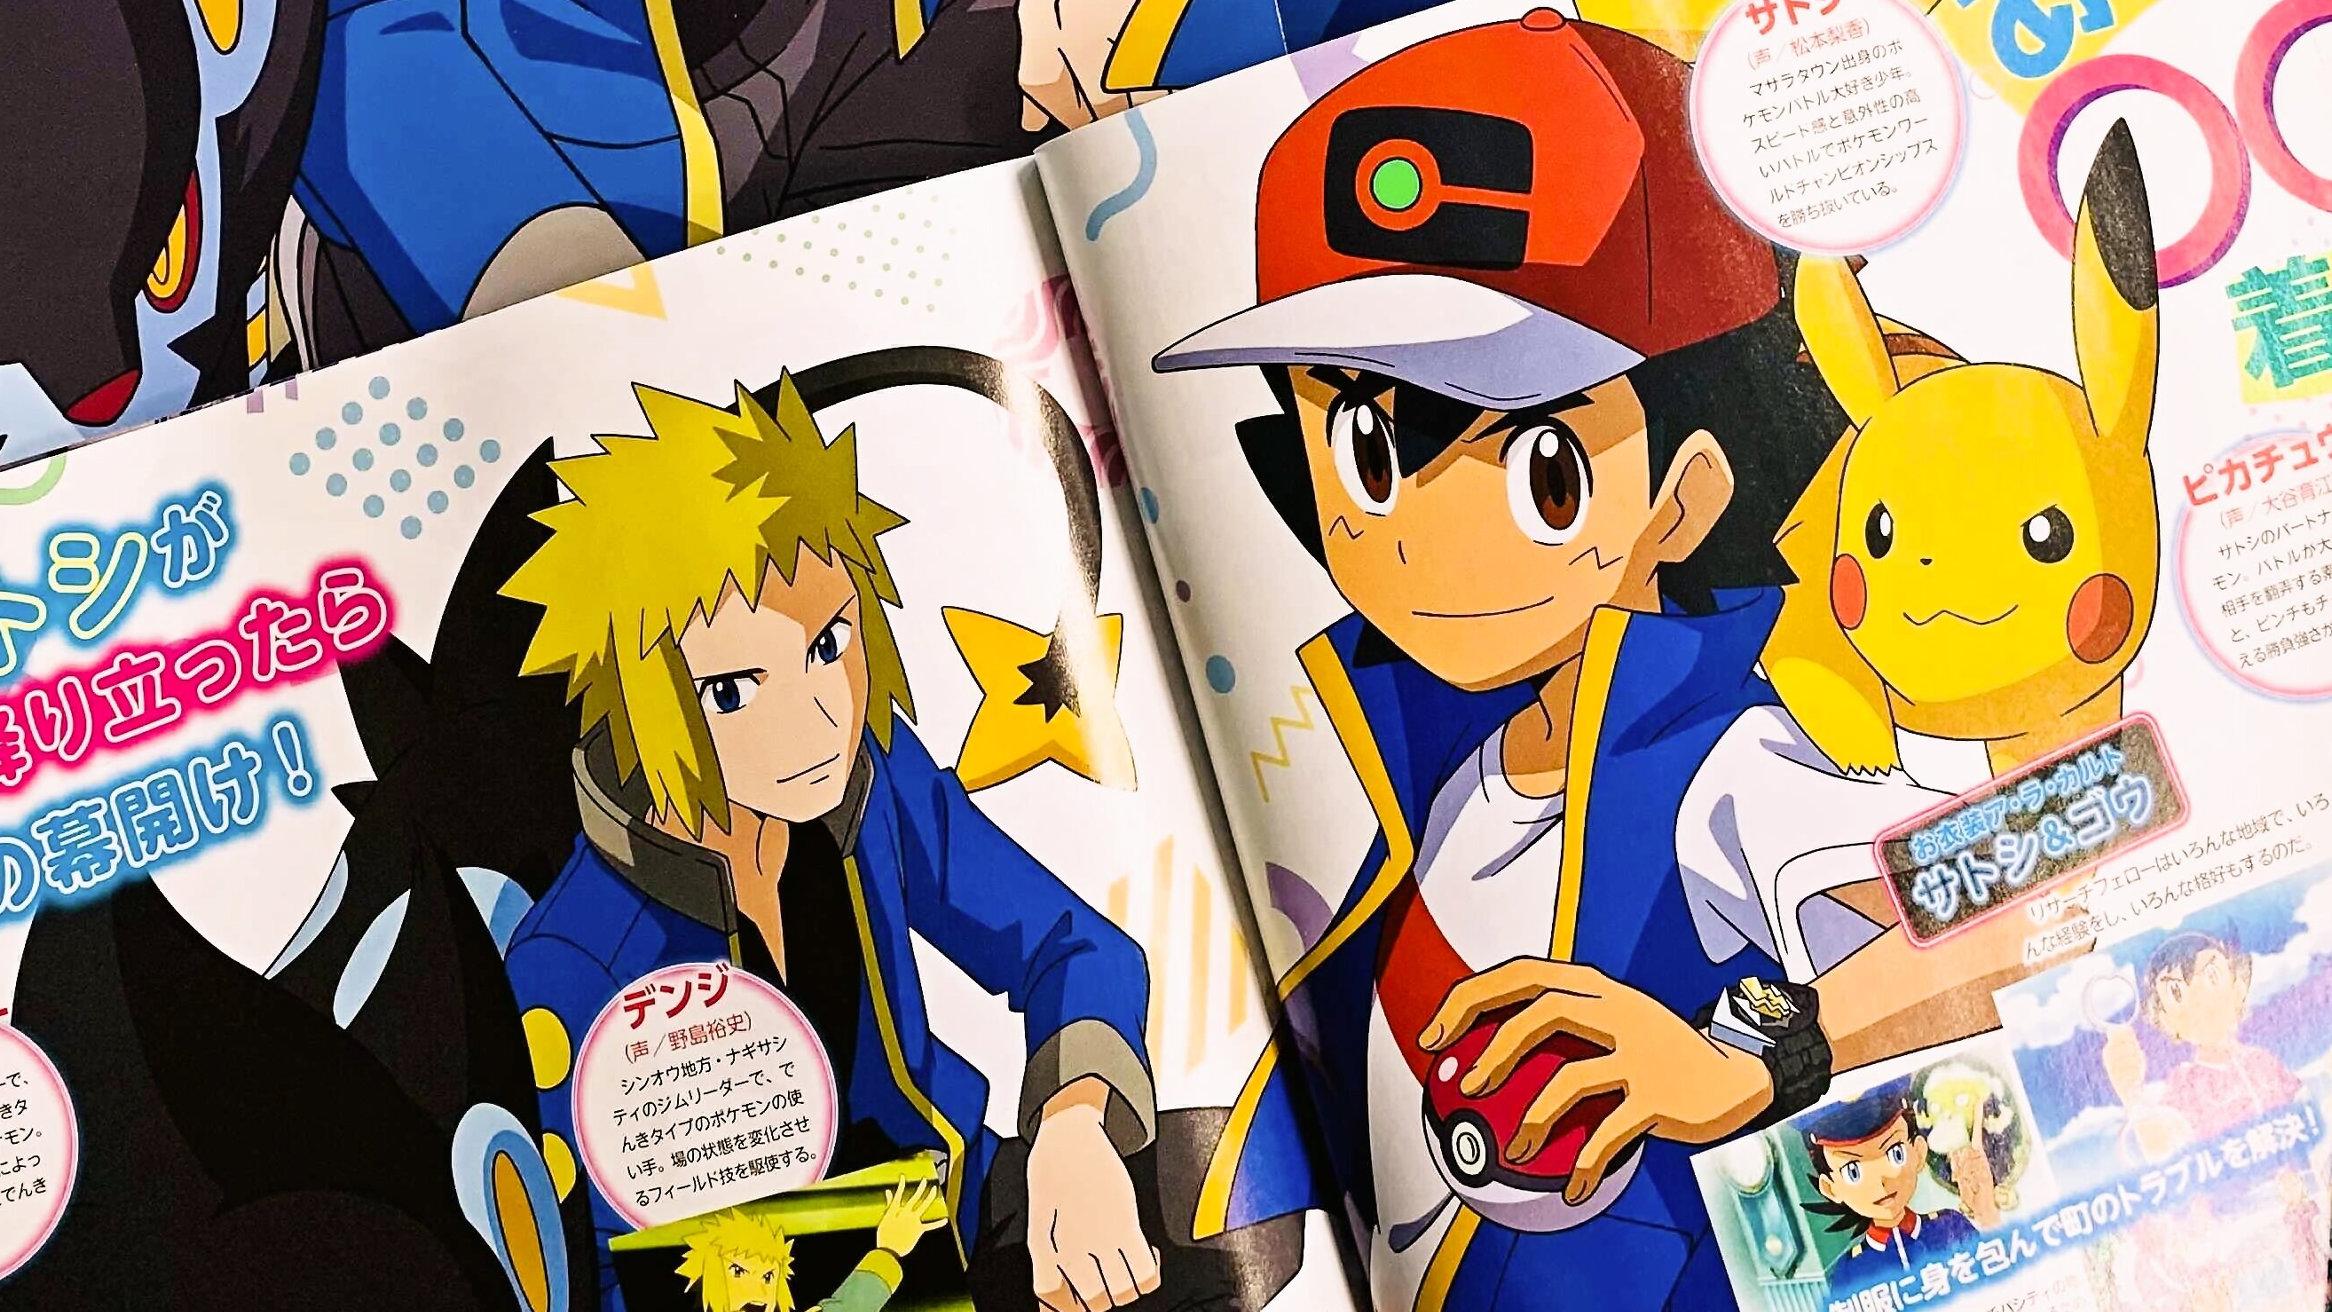 ポケモンアニメ、デンジ&レントラーのポスター付録で2種類